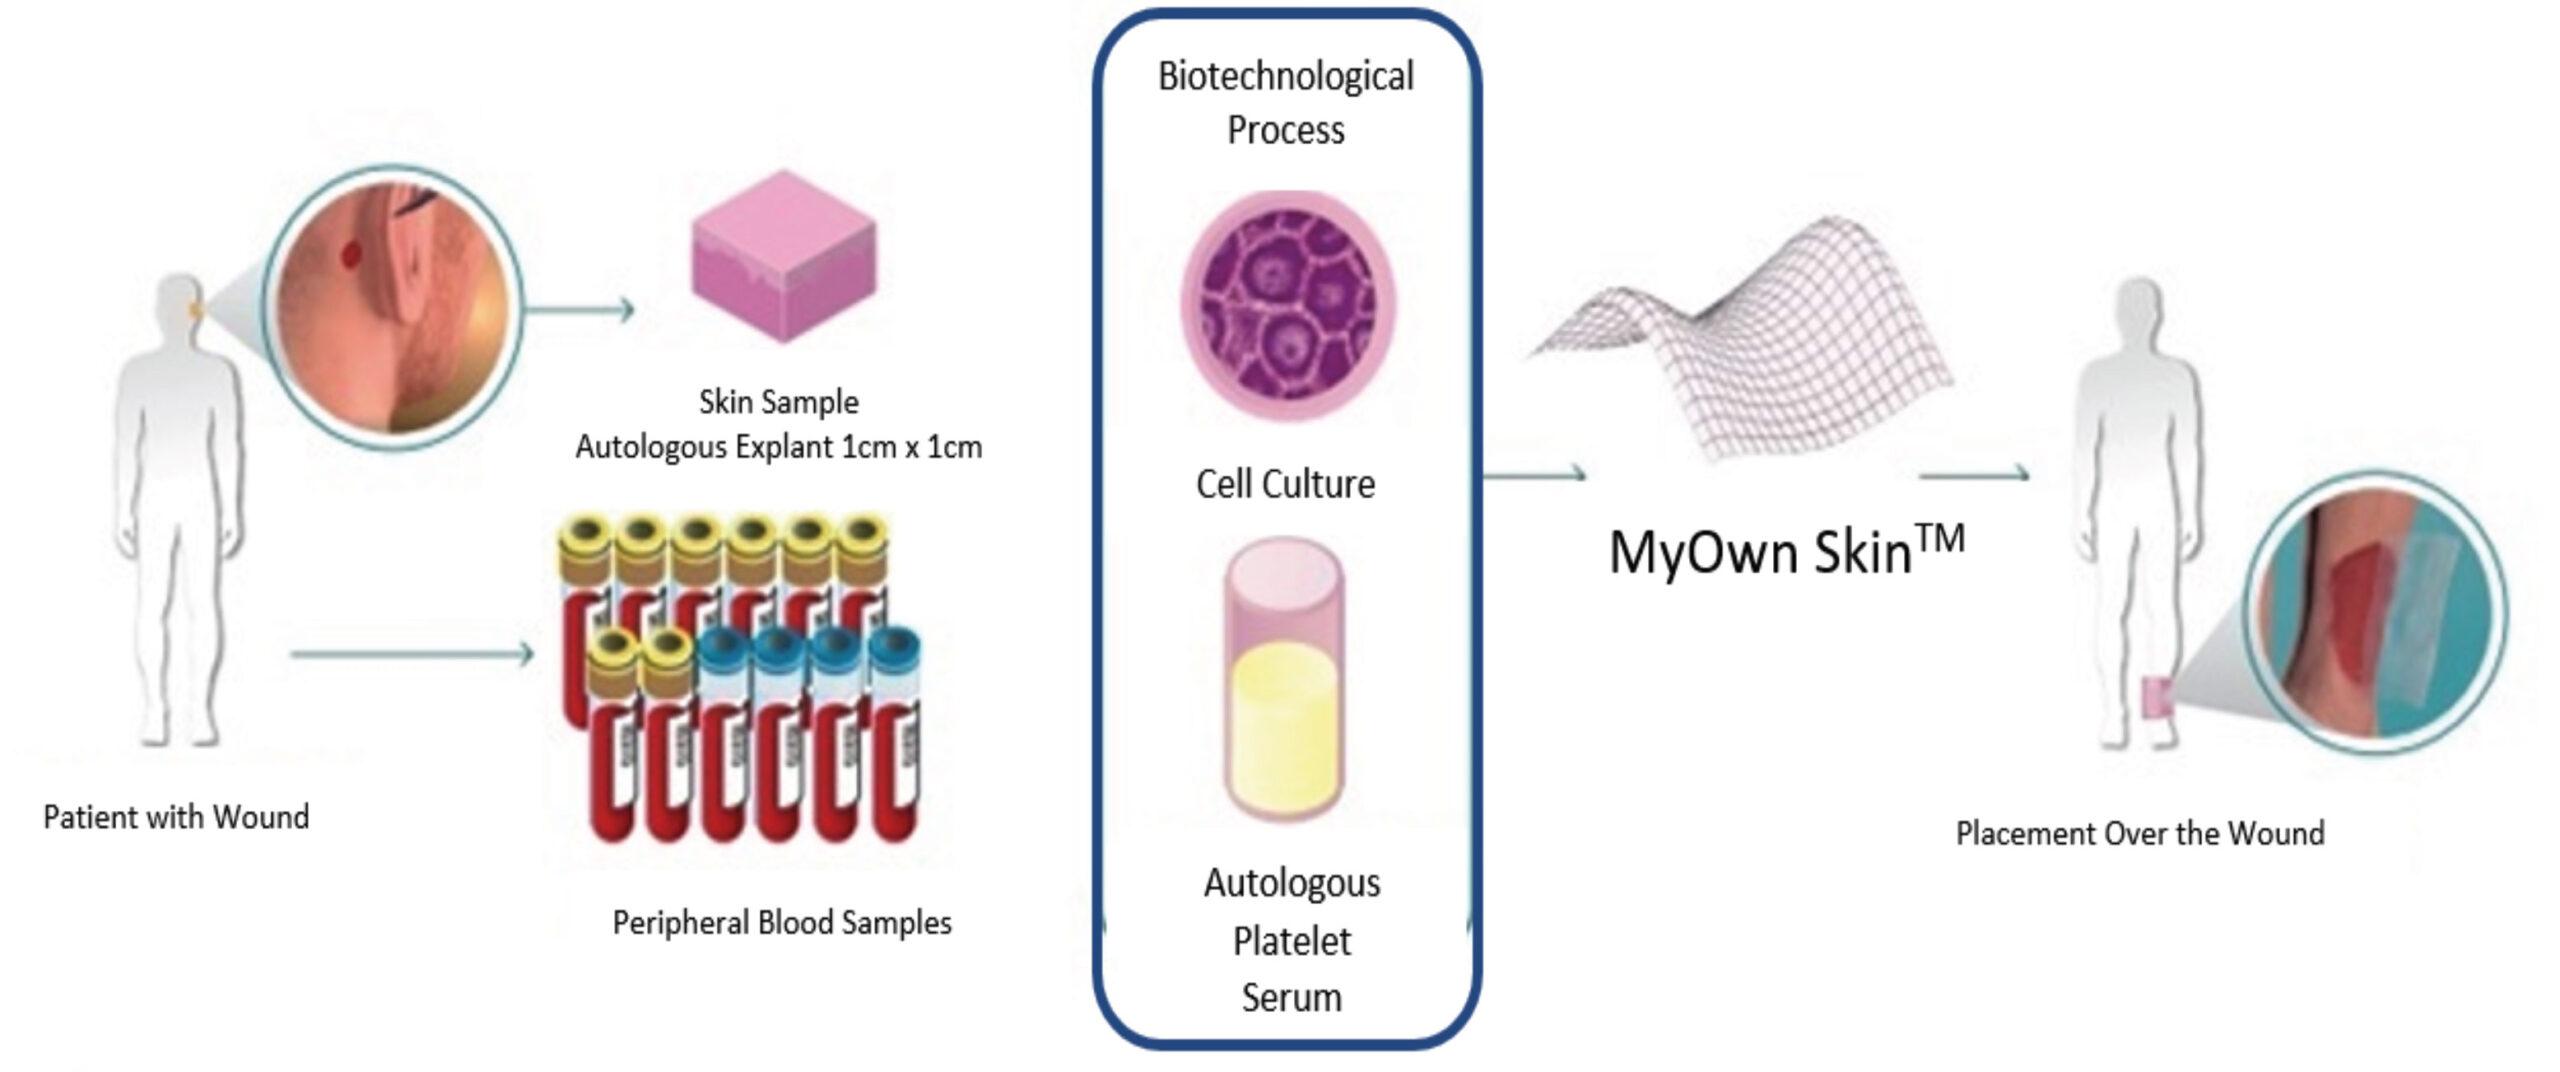 MyOwn Skin